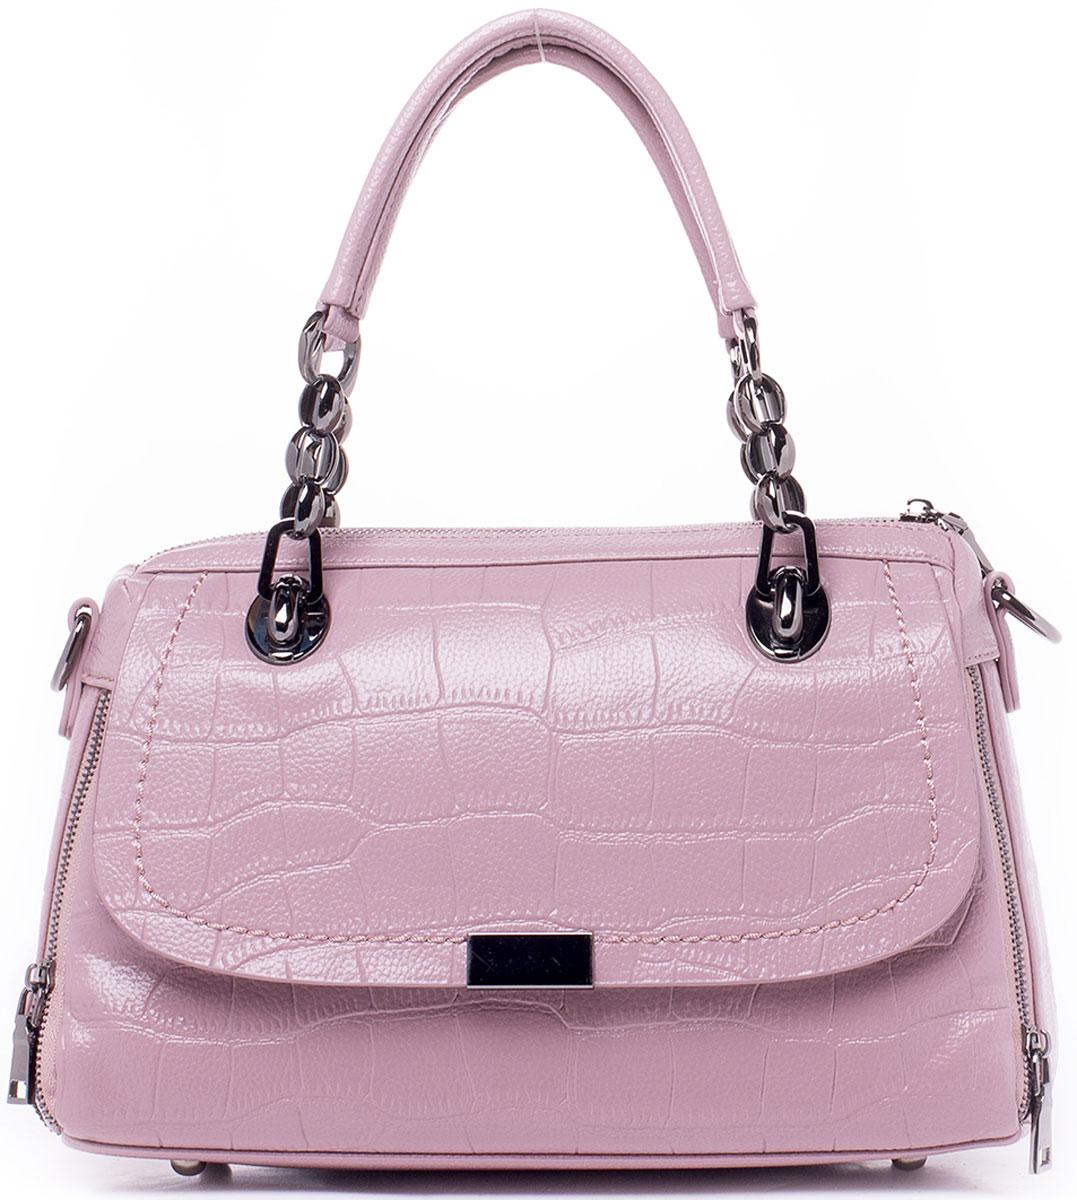 Сумка женская Baggini, цвет: розовый. 29844-1/6329844-1/63Модельная сумка Baggini с регулируемой глубиной исполнена из высококачественной экокожи и имеет одно вместительное отделение застегивающееся на молнию. Внутри отделения находятся два накладных кармашка для мелочей и сотового телефона, один прорезной карман на молнии и один накладной большой карман, образованный карманом-разделителем на молнии. Сумка имеет клапан-обманку на фасаде, а сзади еще один прорезной карман на застежке-молнии. Глубина сумки регулируется застежками-молниями по бокам. Изделие обладает двумя удобными ручками для переноски и отстегивающимся наплечным регулируемым ремнем на карабинах. Ремень прилагается.